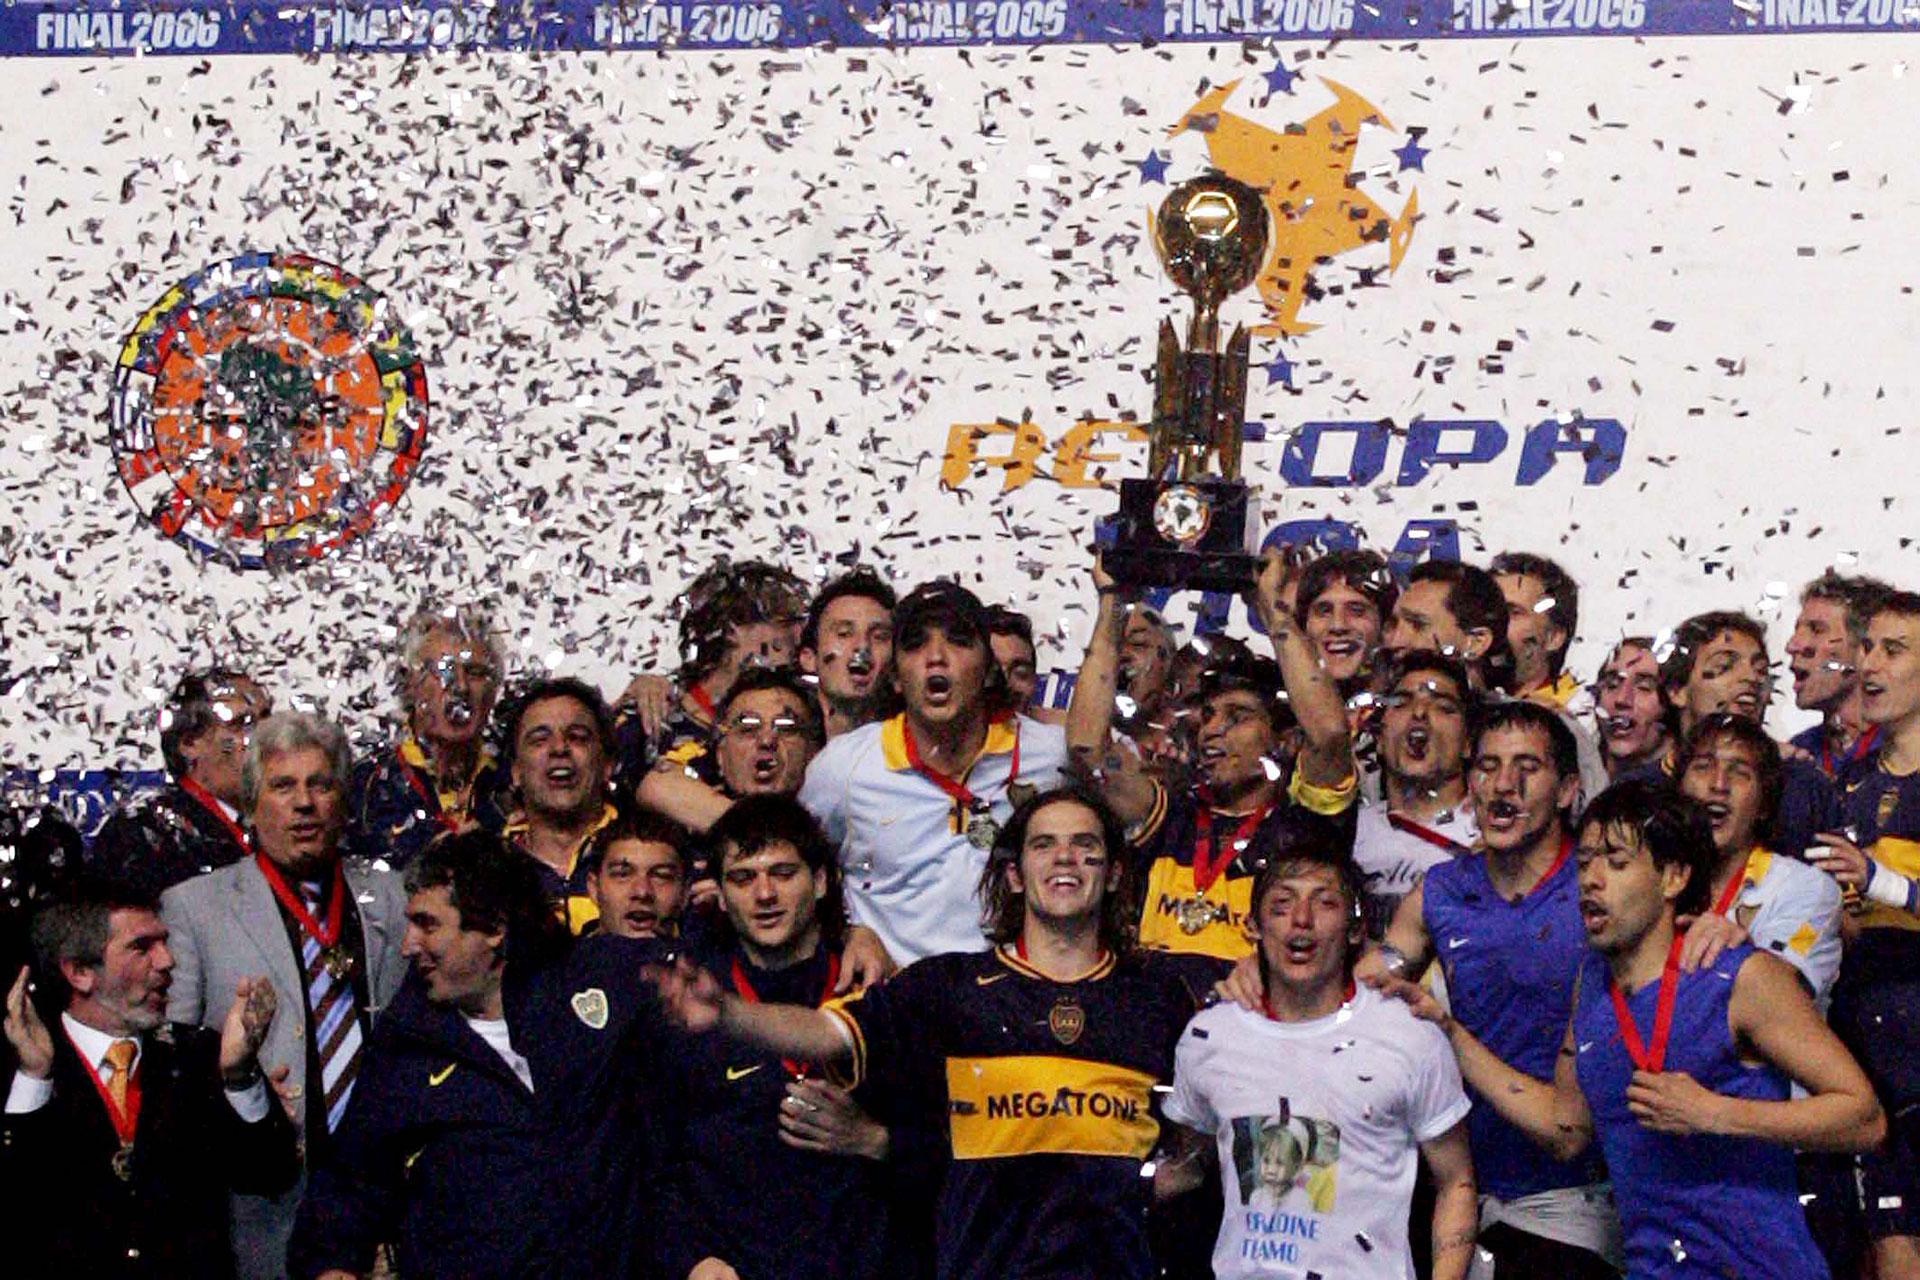 Recopa Sudamericana 2006: Boca pisó fuerte en San Pablo y gritó campeón nuevamente en el continente (Foto Baires)